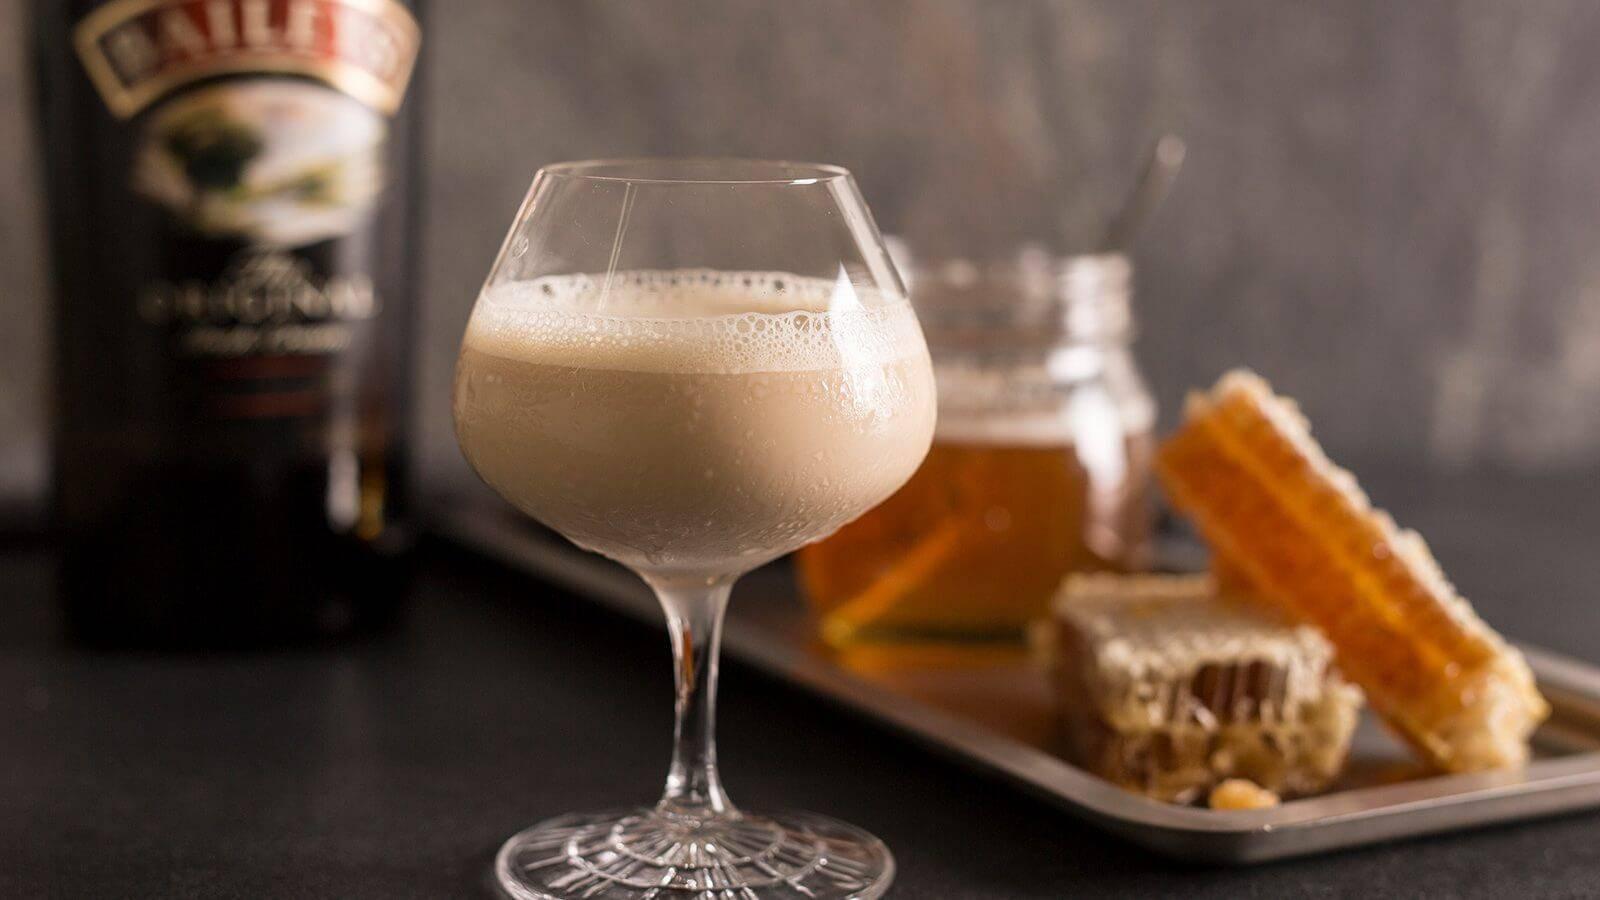 Как пить бейлиз: закуска к ликёру, виды ликёра и основные правила употребления